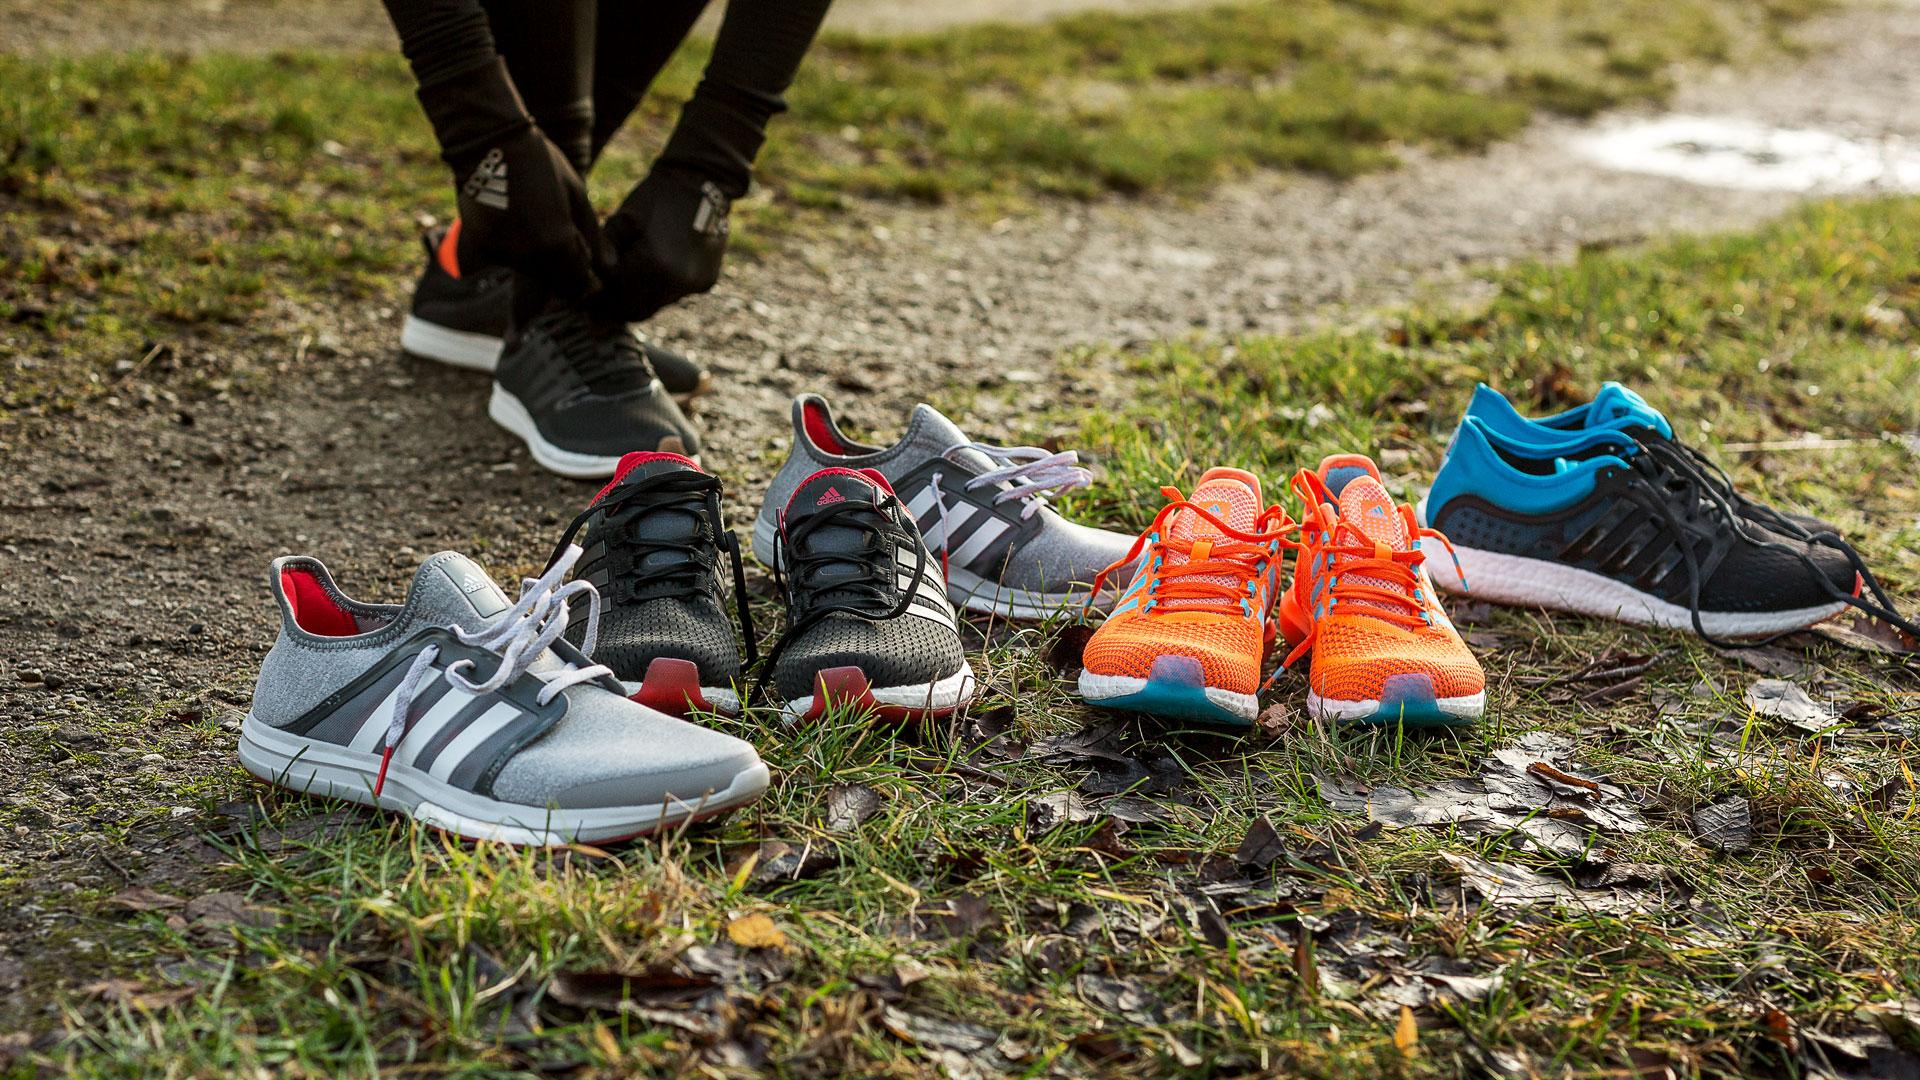 Adidas Løpesko Climachill Gazelle Boost SortRød | www